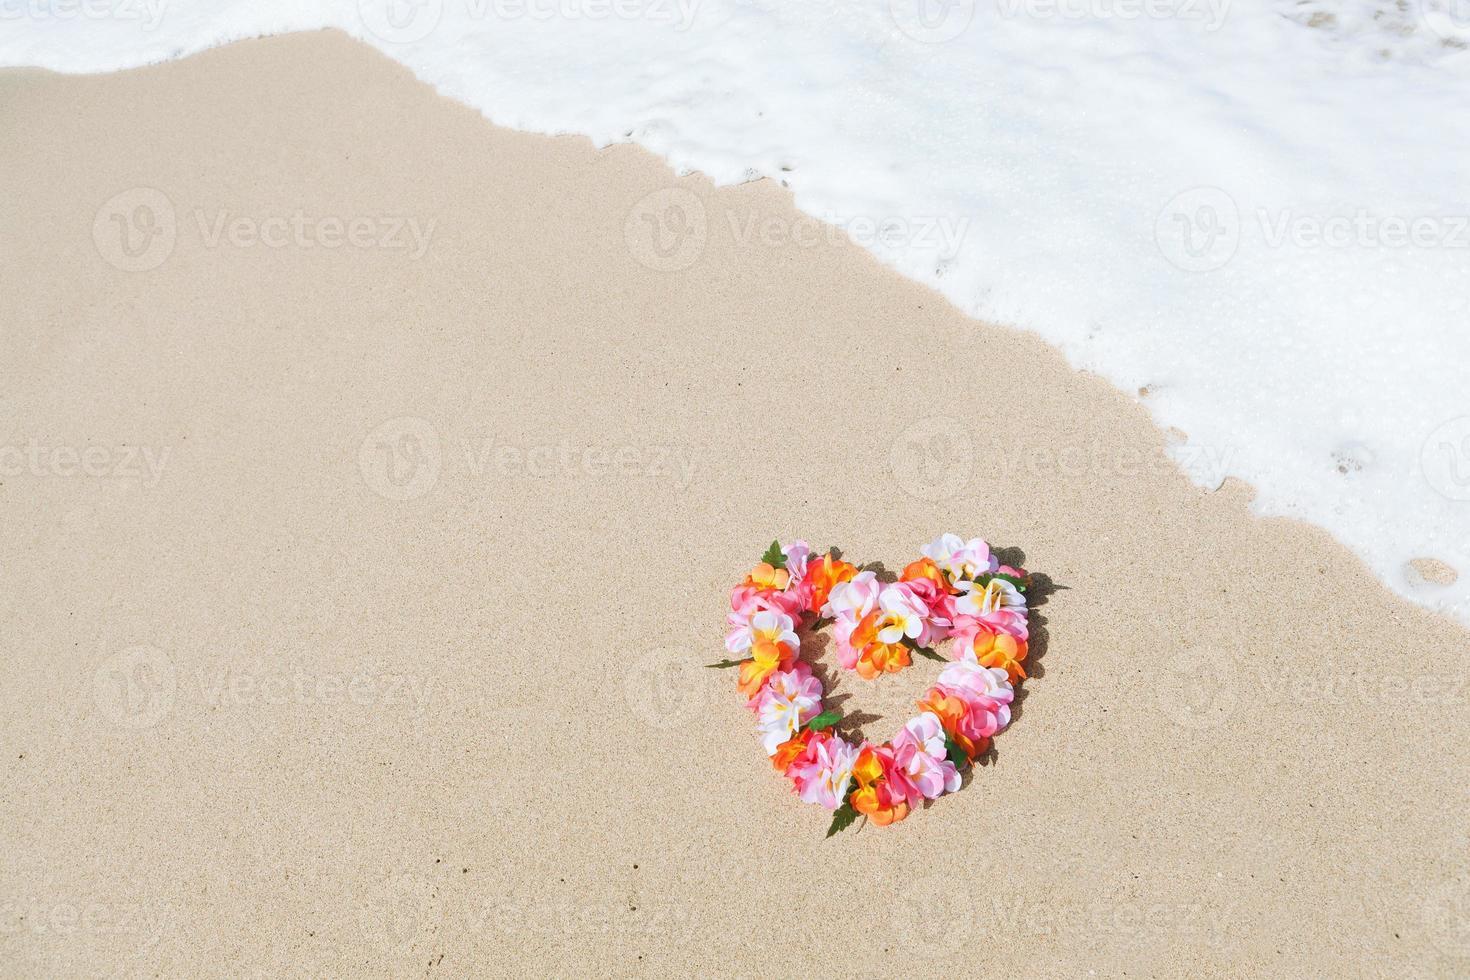 lei hawaïen sur la plage paradisiaque tropicale photo